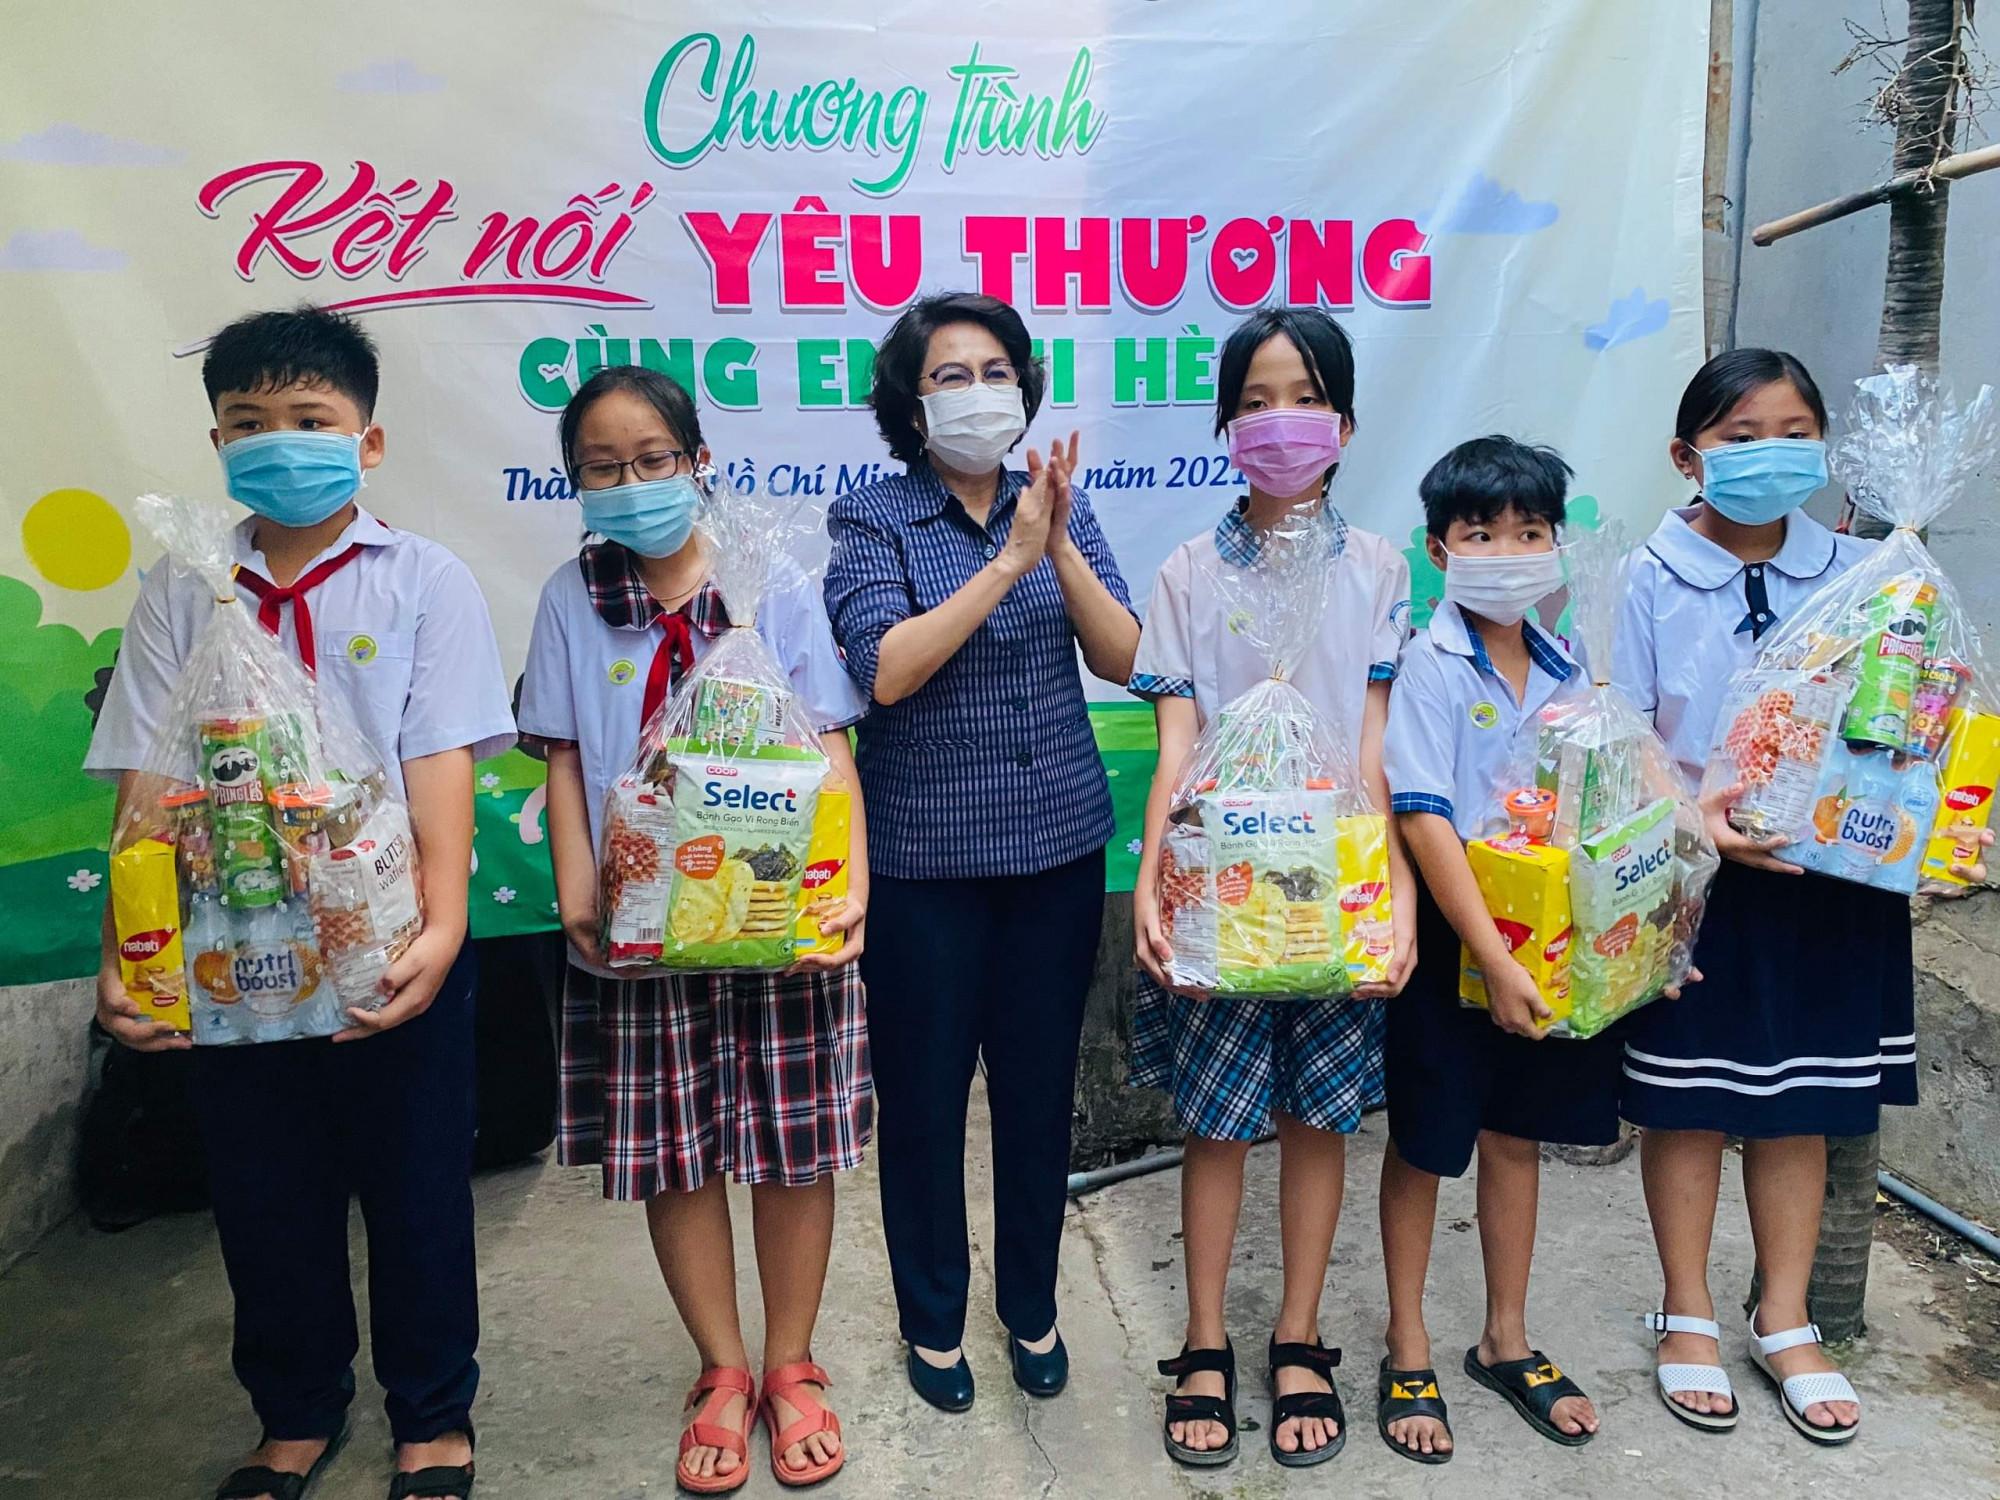 Bà Tô Thị Bích Châu trao quà cho con em công nhân gặp khó khăn vì dịch COVID-19